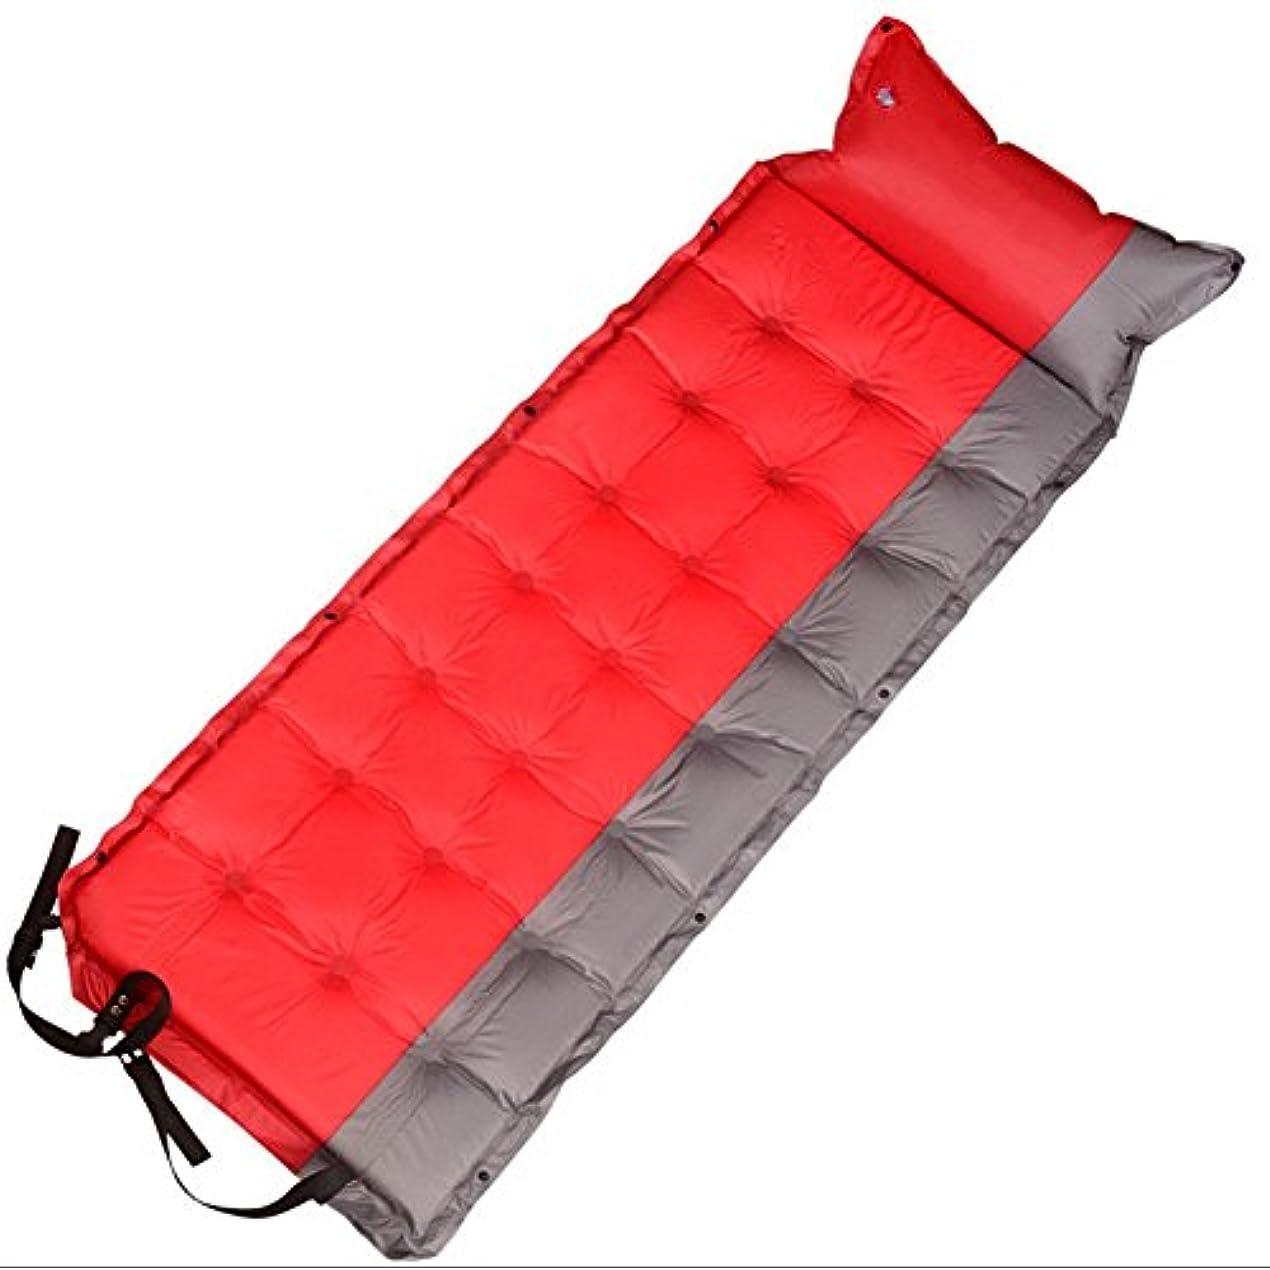 誓い礼拝ハードキャンプ、寝袋、テントの折り畳みのための枕と余分な厚い軽量キャンプの睡眠パッドマットマットレスベッドキャンプ屋外インフレータブルクッション